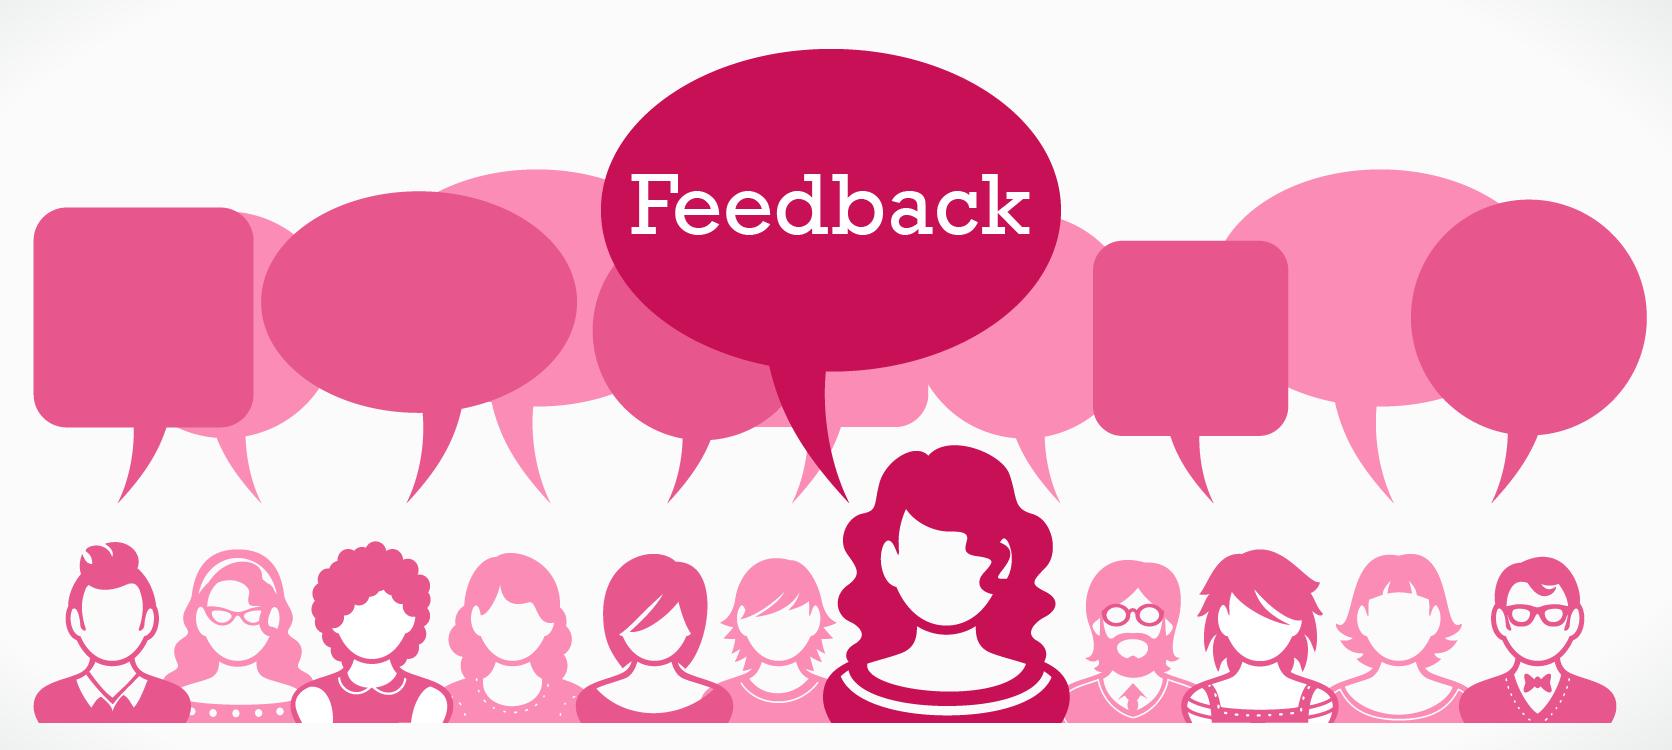 feedback-about-zugzwang